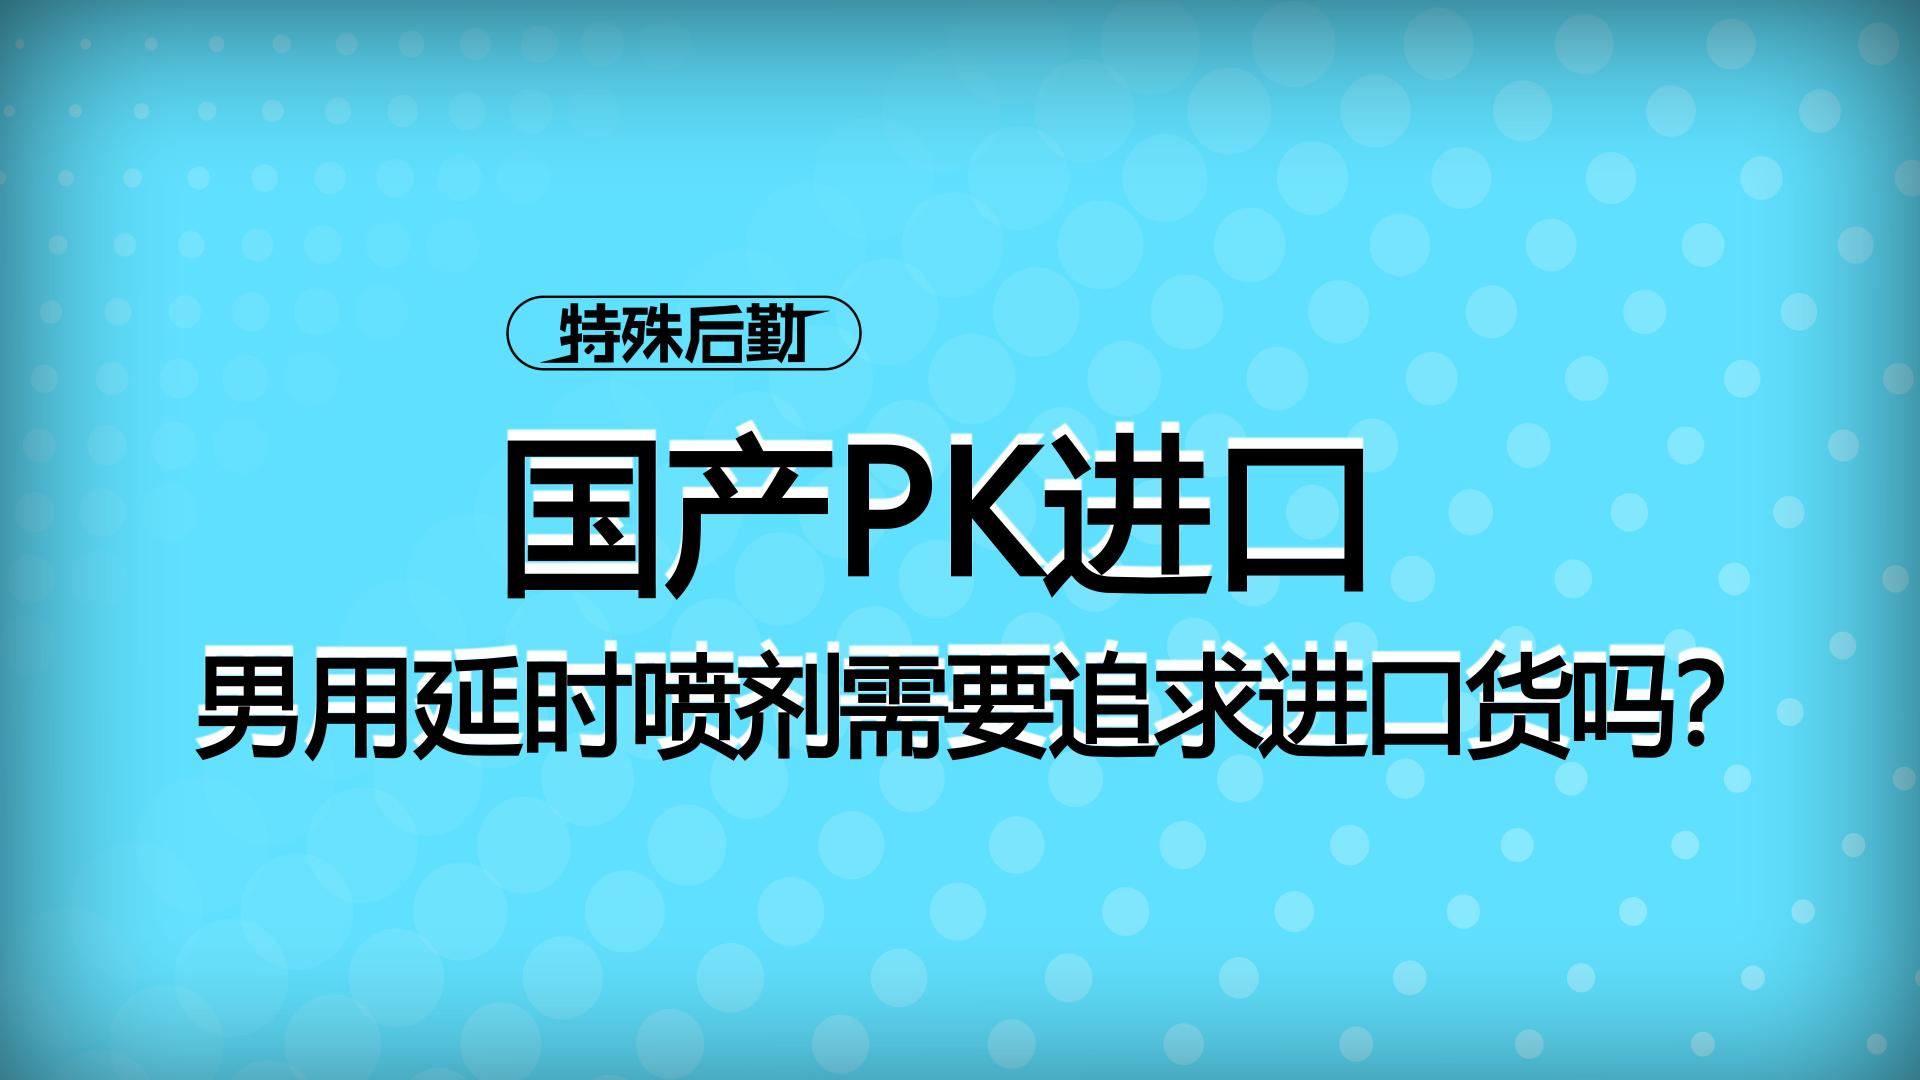 国产PK进口,男用延迟喷雾需要追求进口货吗?【一分钟小科普】